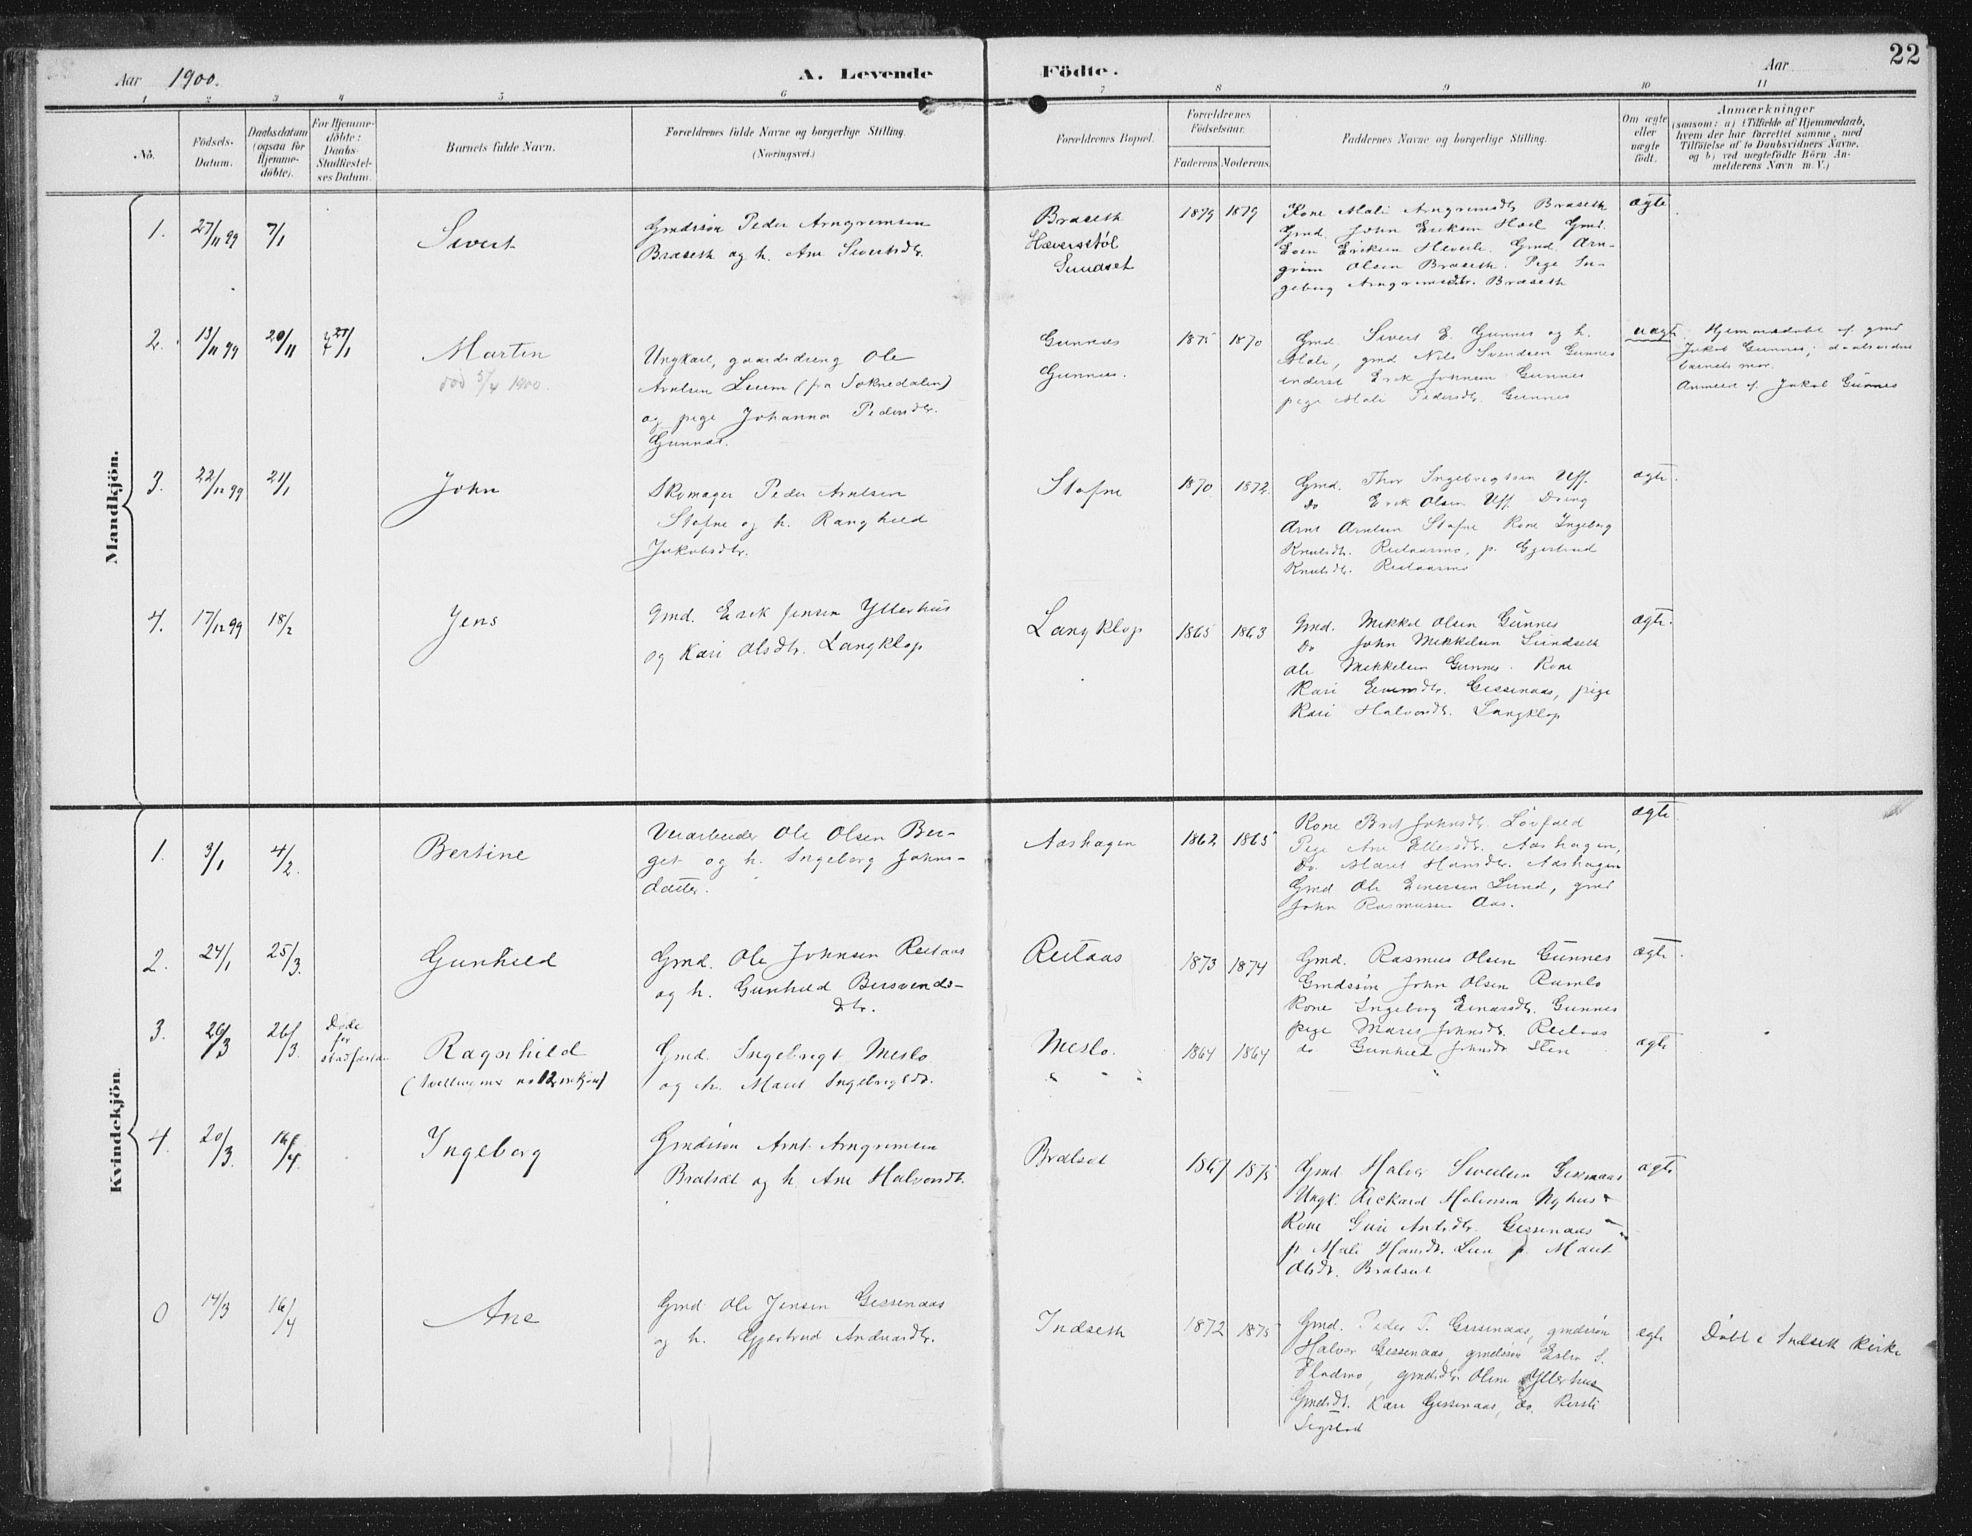 SAT, Ministerialprotokoller, klokkerbøker og fødselsregistre - Sør-Trøndelag, 674/L0872: Ministerialbok nr. 674A04, 1897-1907, s. 22